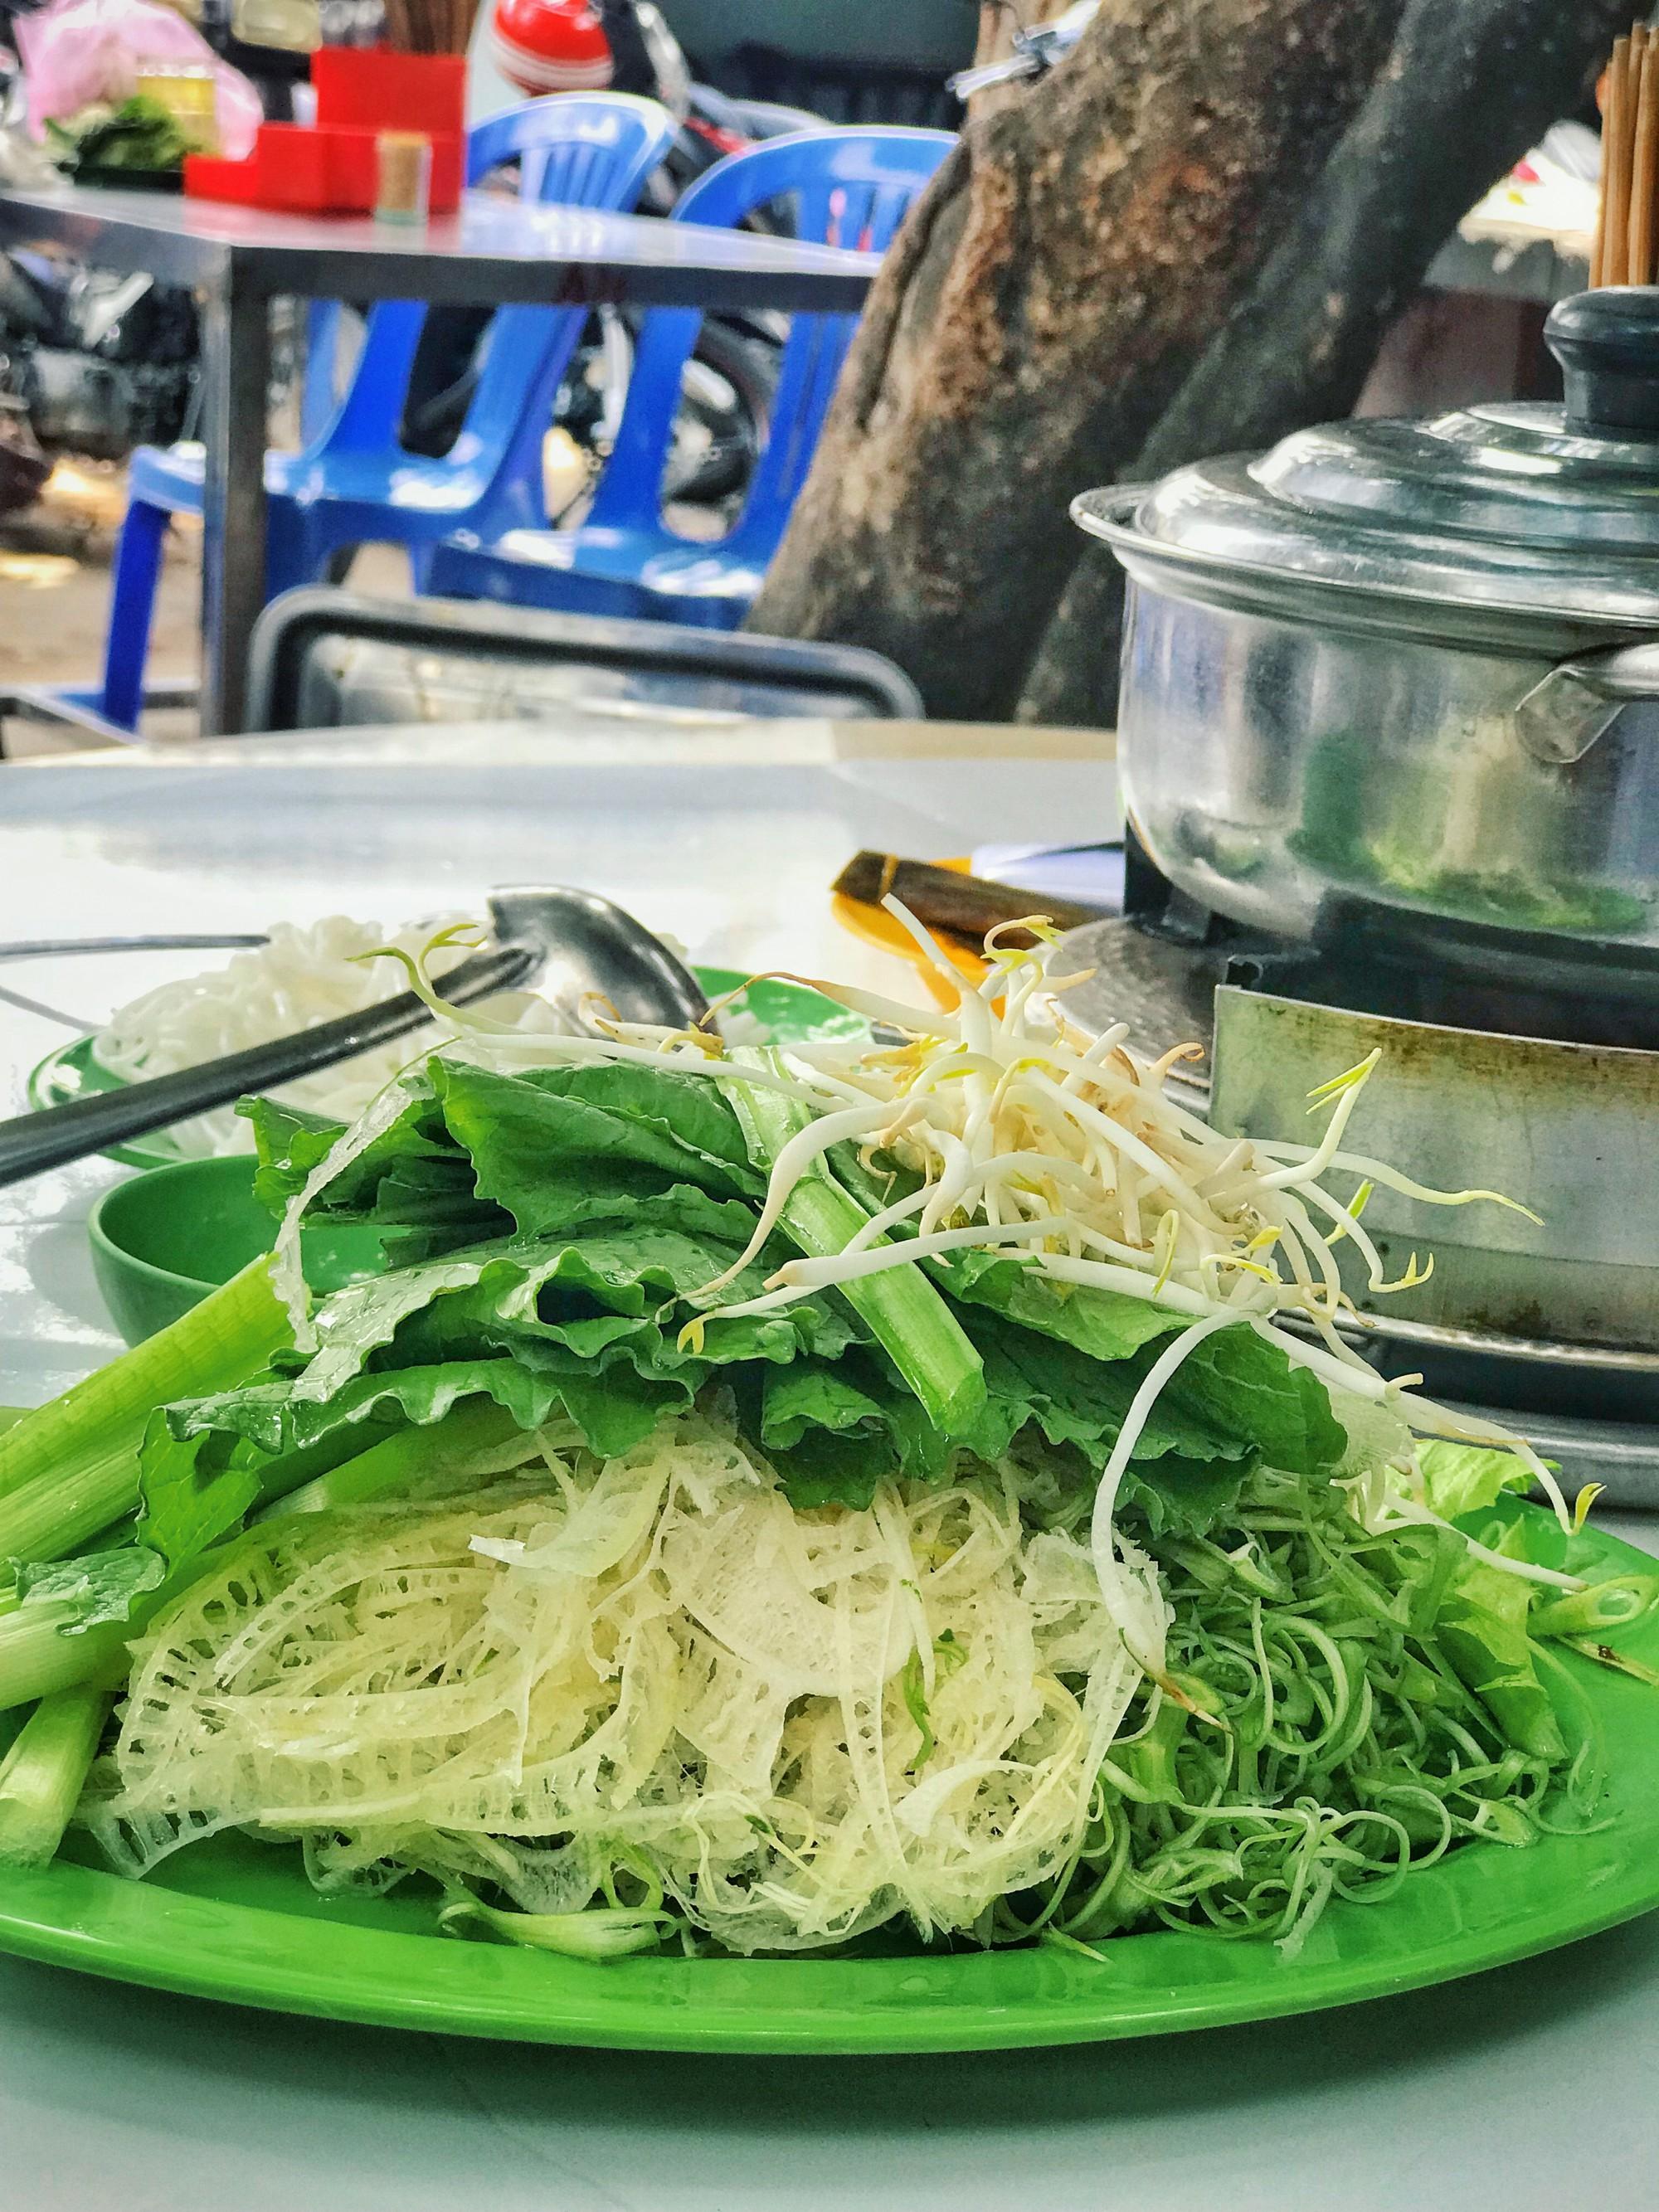 Quán lẩu bò nổi tiếng khiến người Sài Gòn lặn lội hàng chục cây số đến thưởng thức - Ảnh 6.